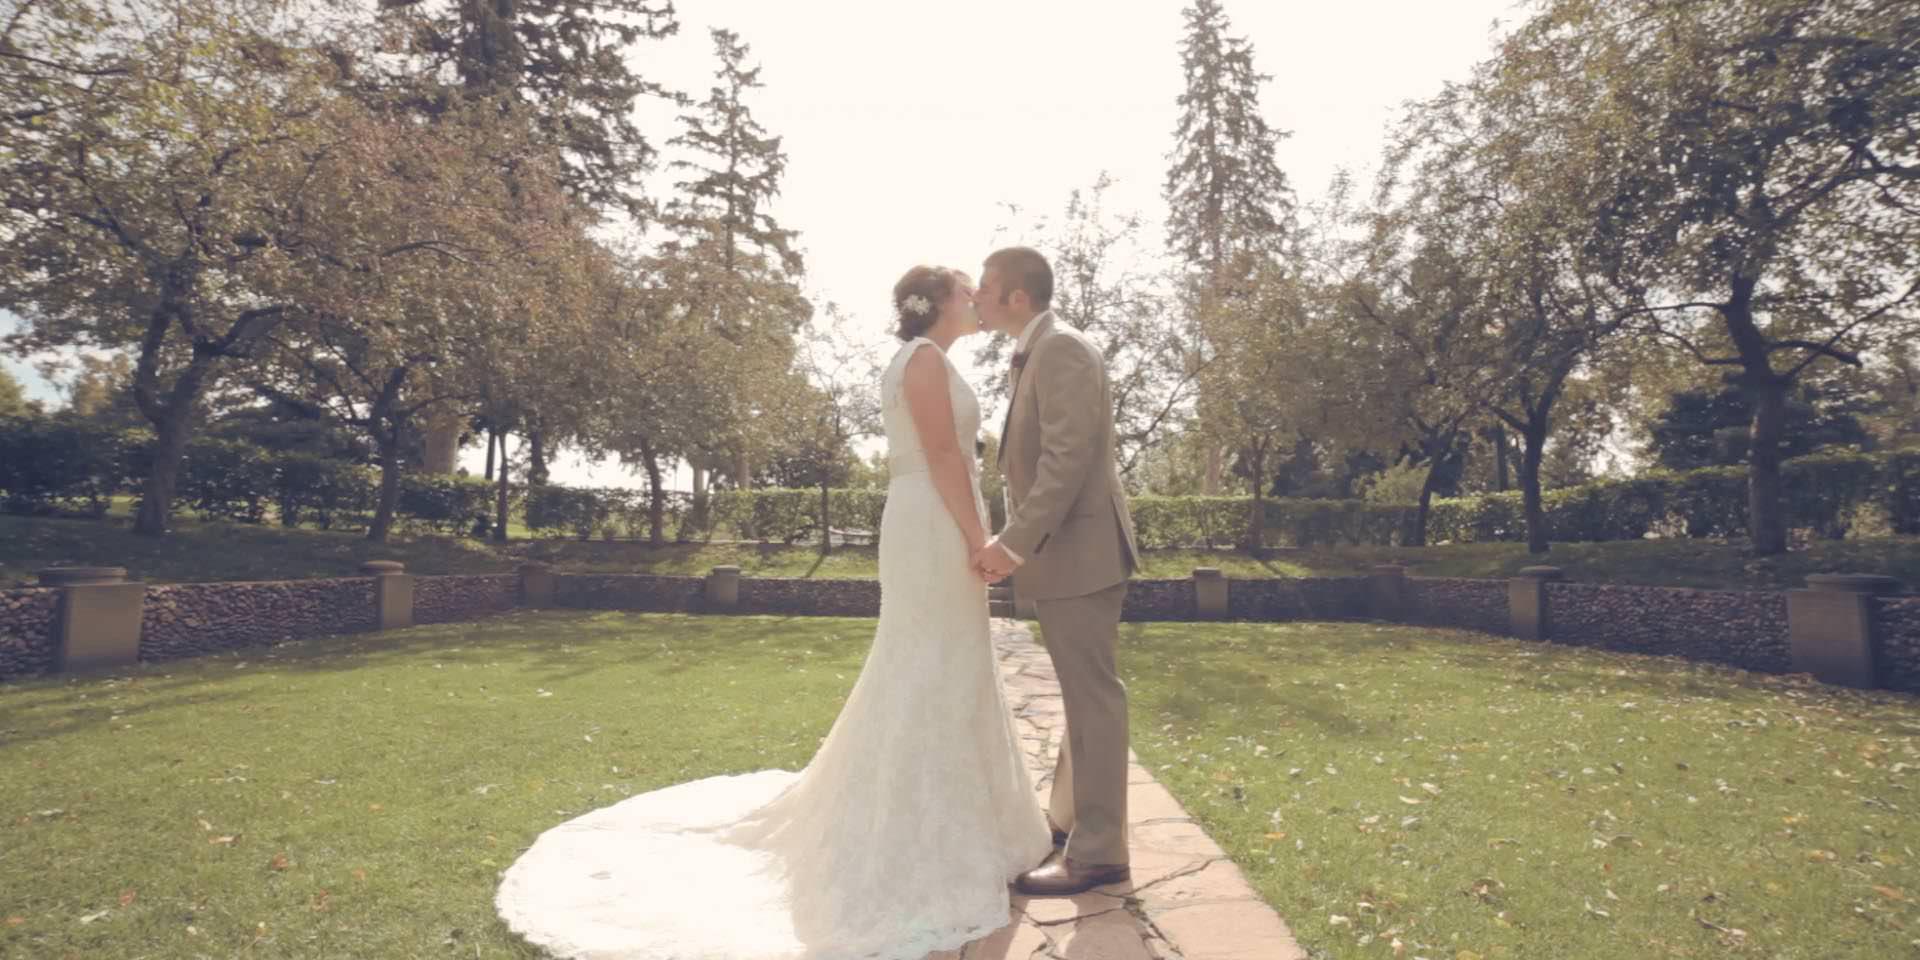 wedding story.00_11_53_15.Still010.jpg